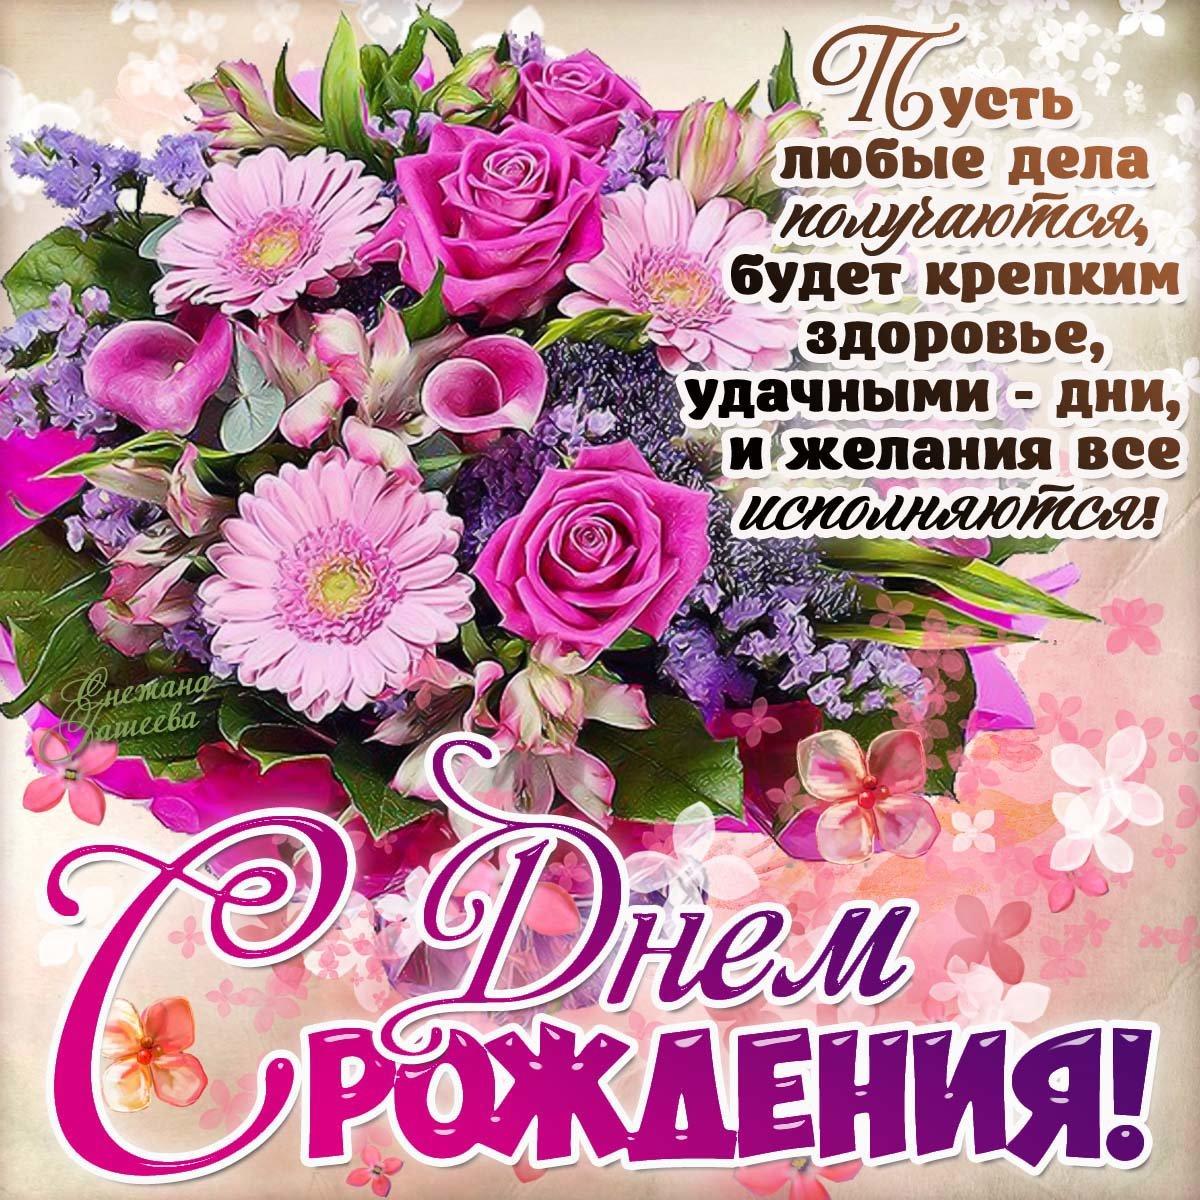 http://s5.uploads.ru/WweIX.jpg